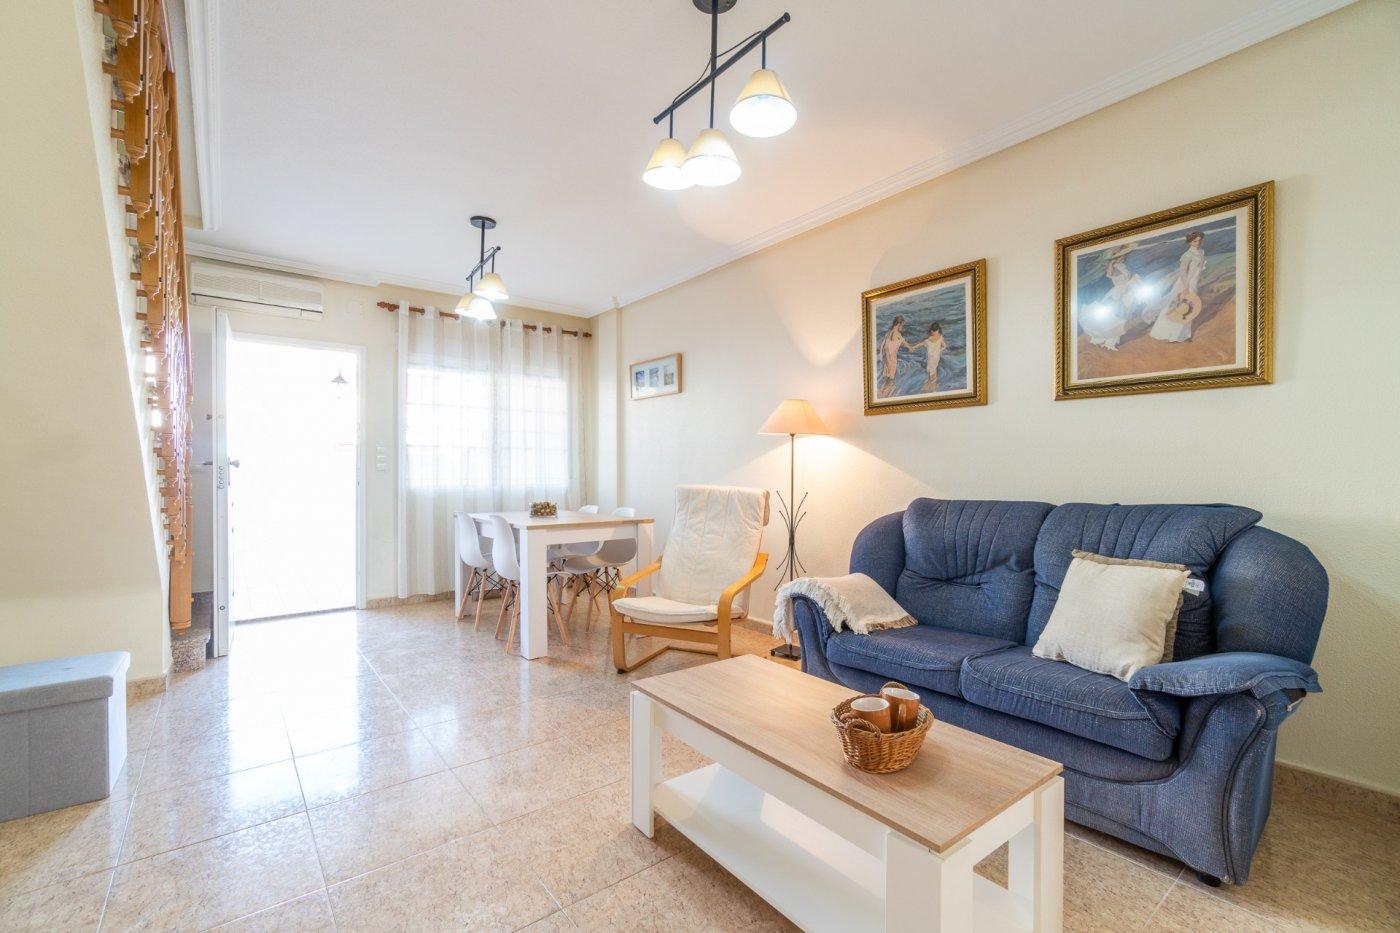 duplex en san-pedro-del-pinatar · salinas 110000€